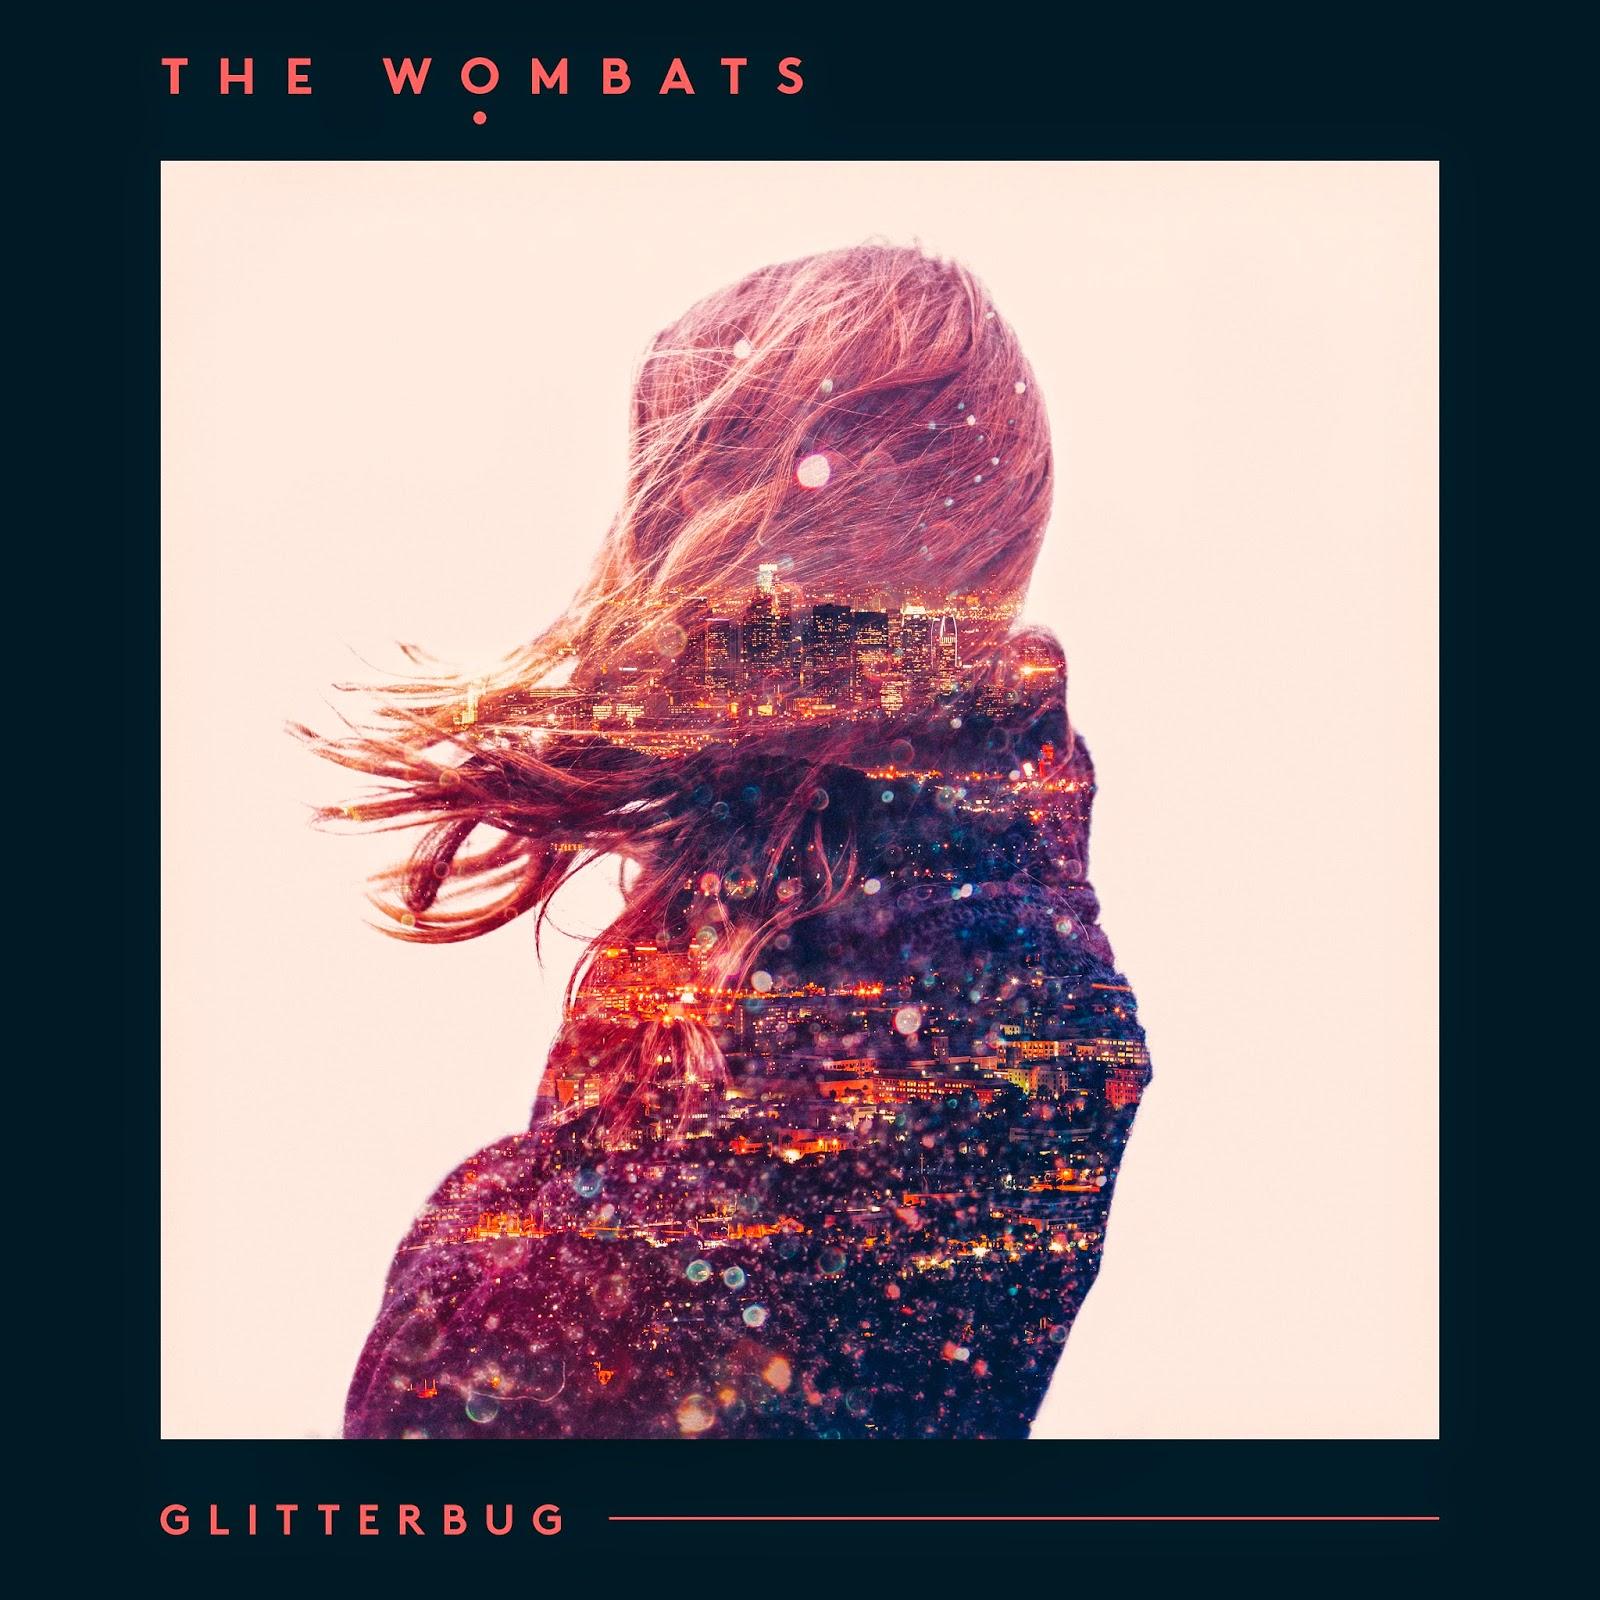 The Wombats - Glitterbug